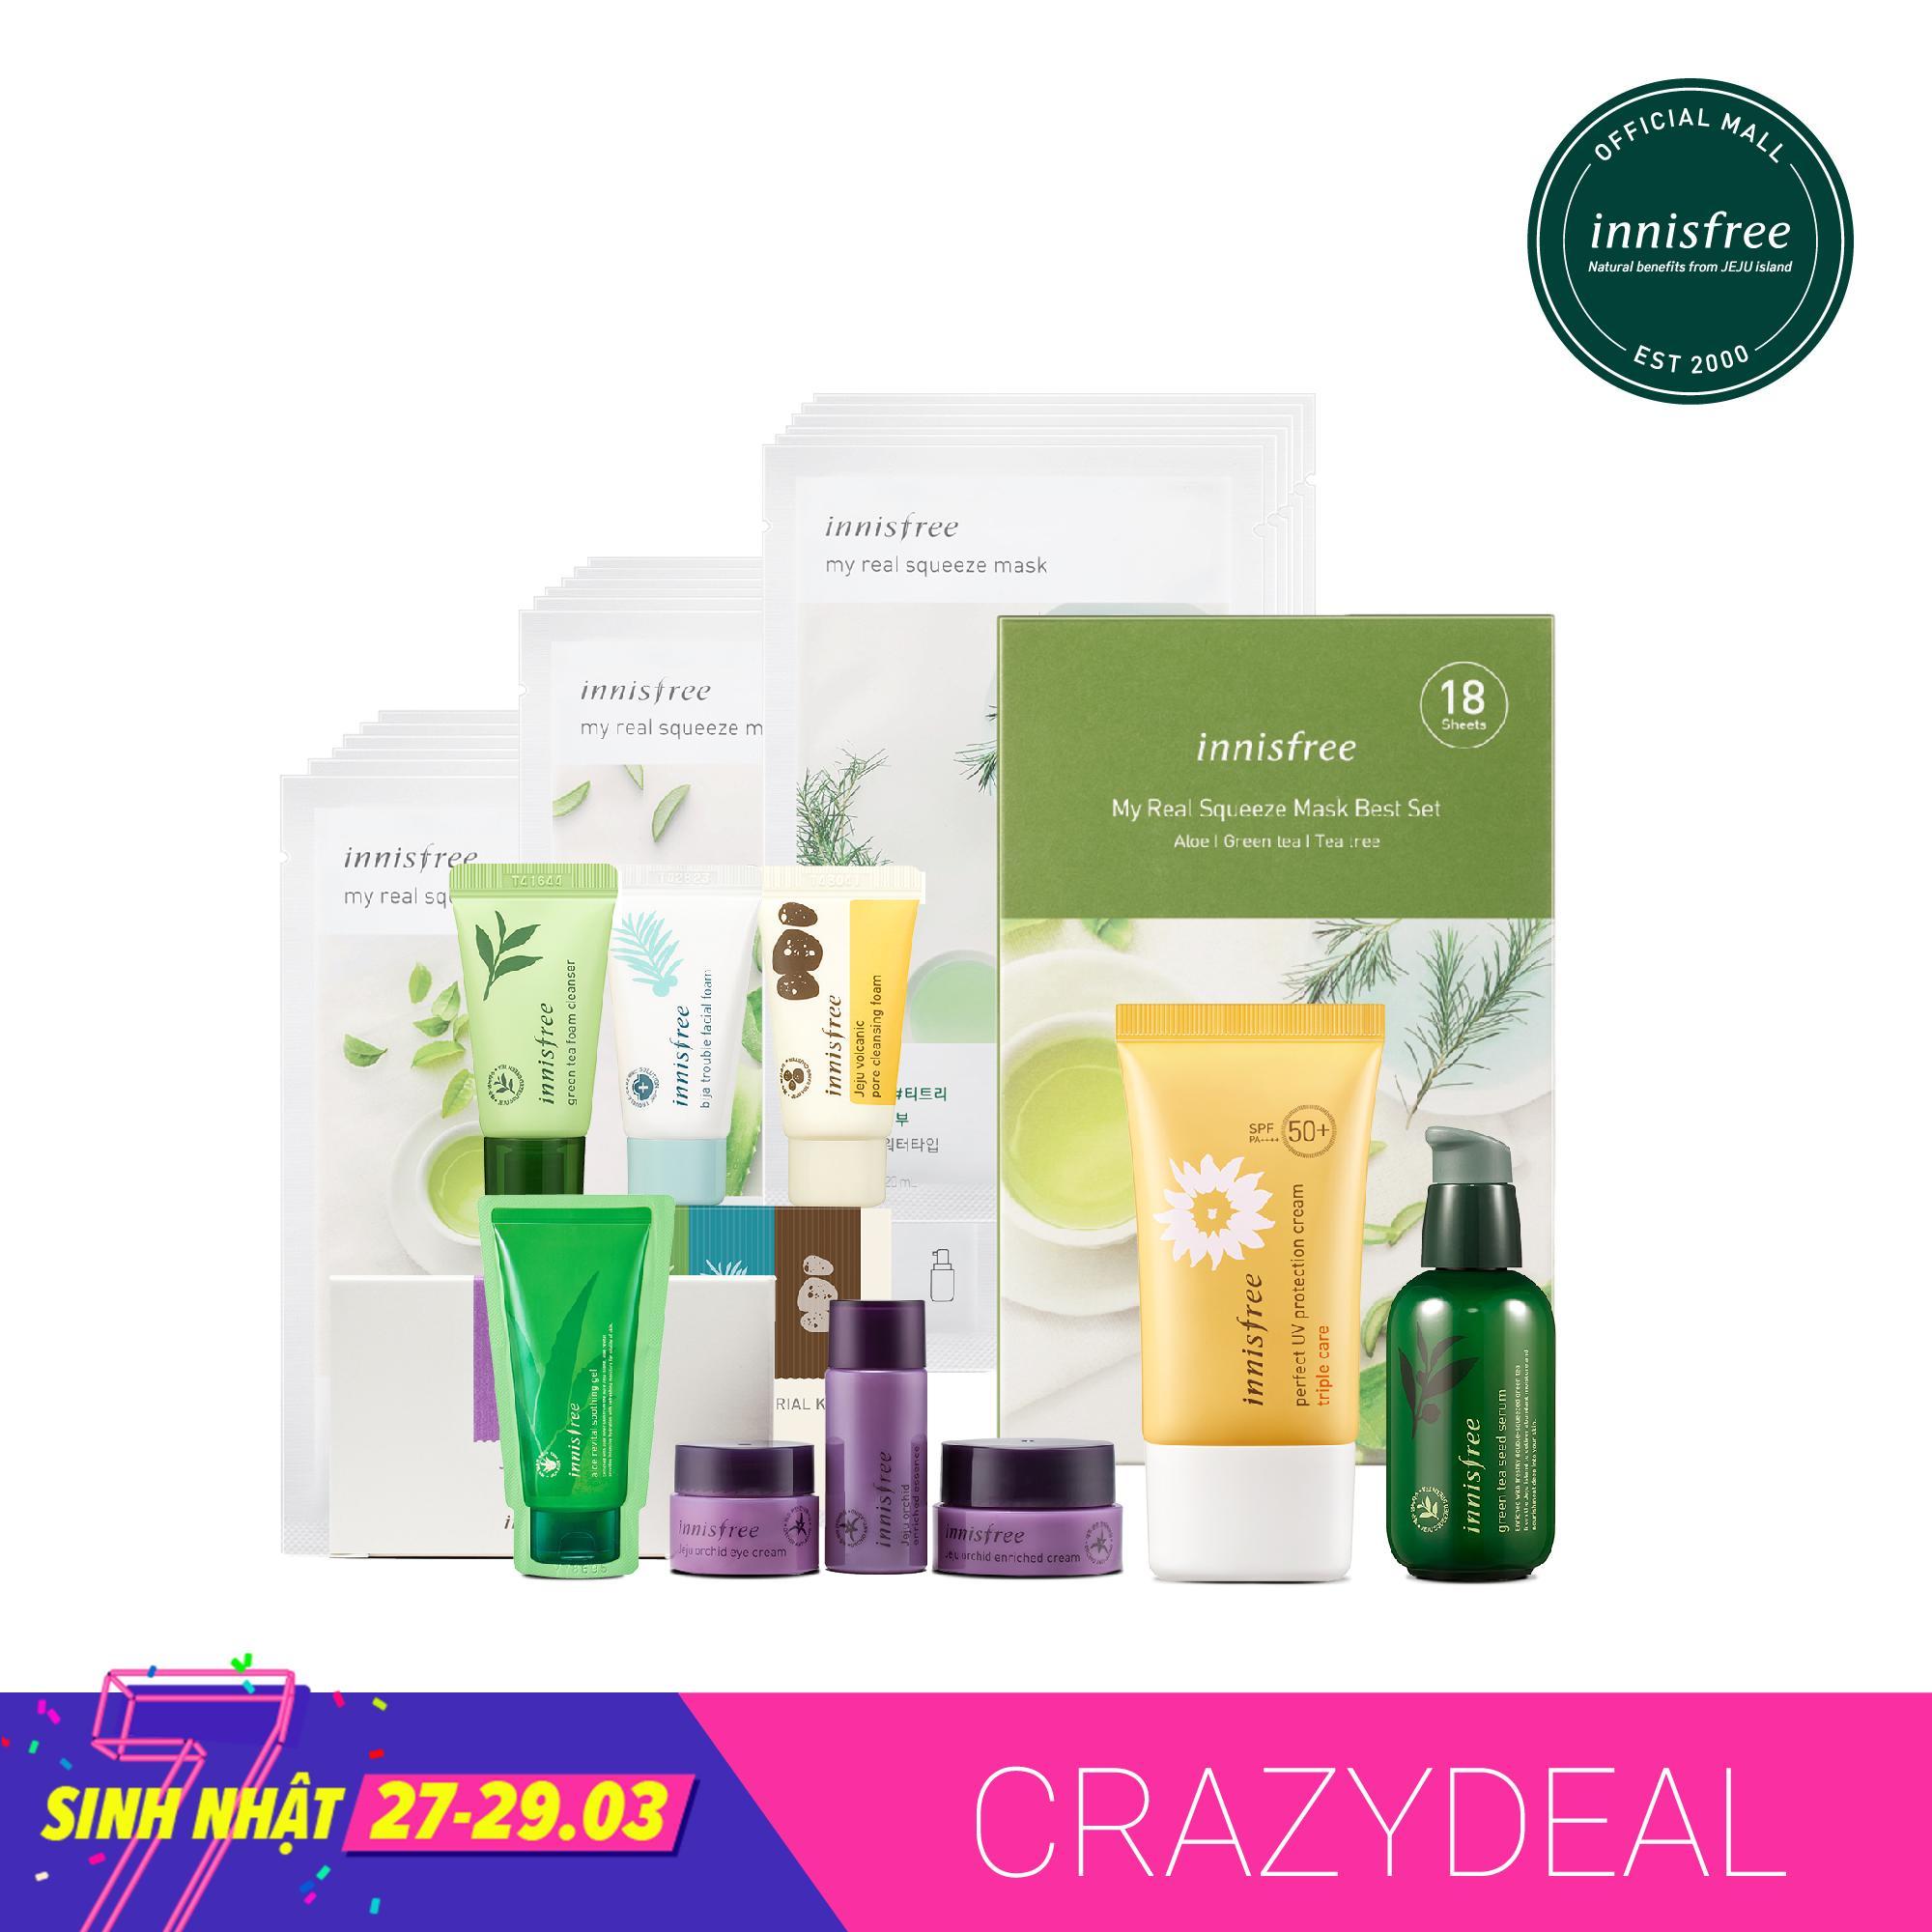 Bộ sản phẩm chăm sóc dưỡng ẩm chống nắng toàn diện Innisfree Green Tea Seed Serum 80ml + Innisfree My Real Squeeze Mask Set 20ml*18 + Innisfree Perfect UV Protection Cream Triple Care 50ml SPF50 PA++++